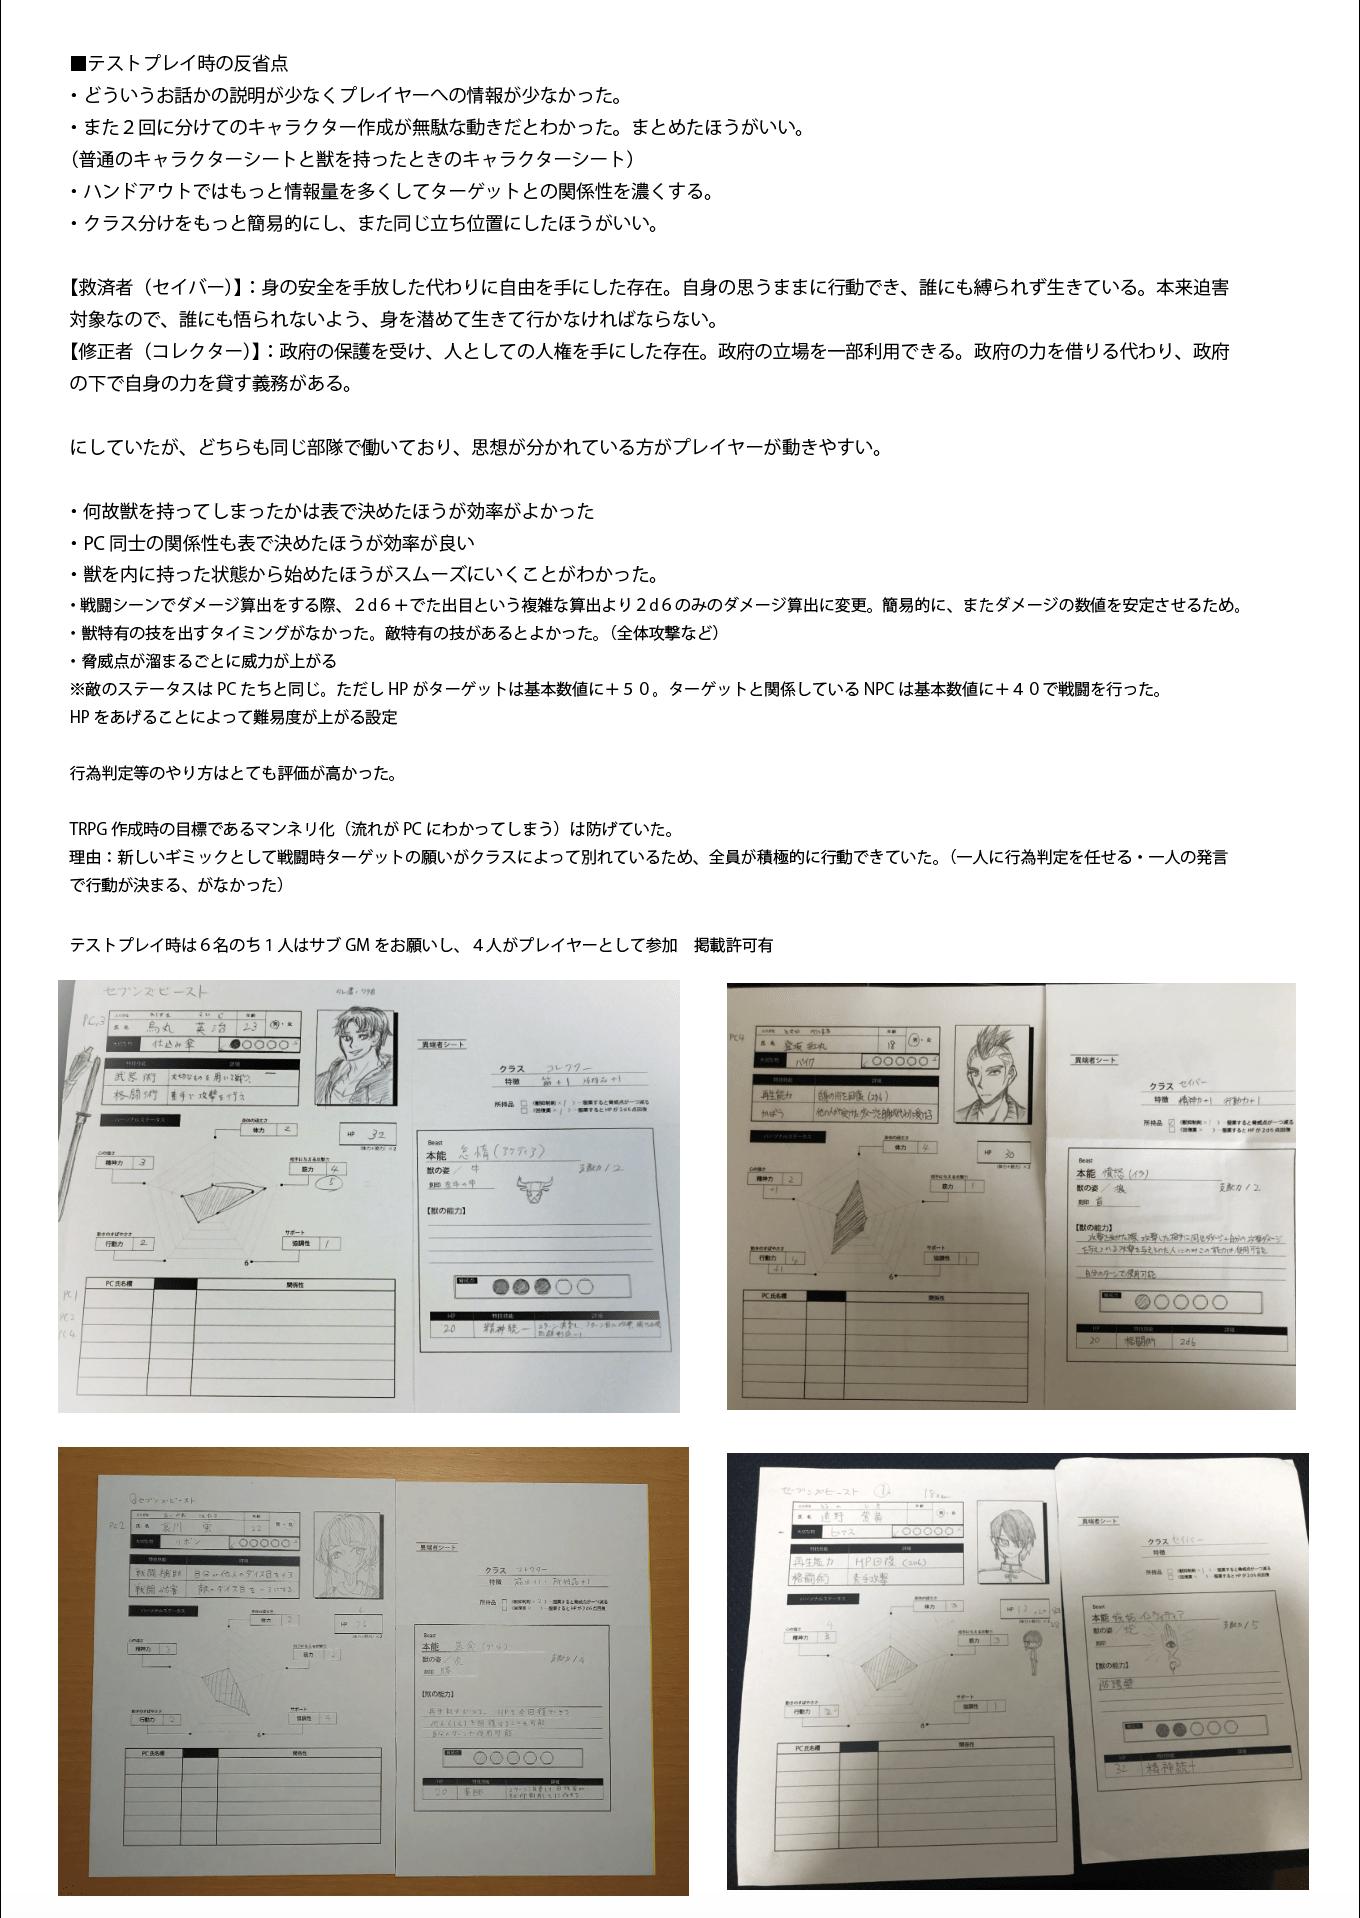 テストプレイ反省点-min.png